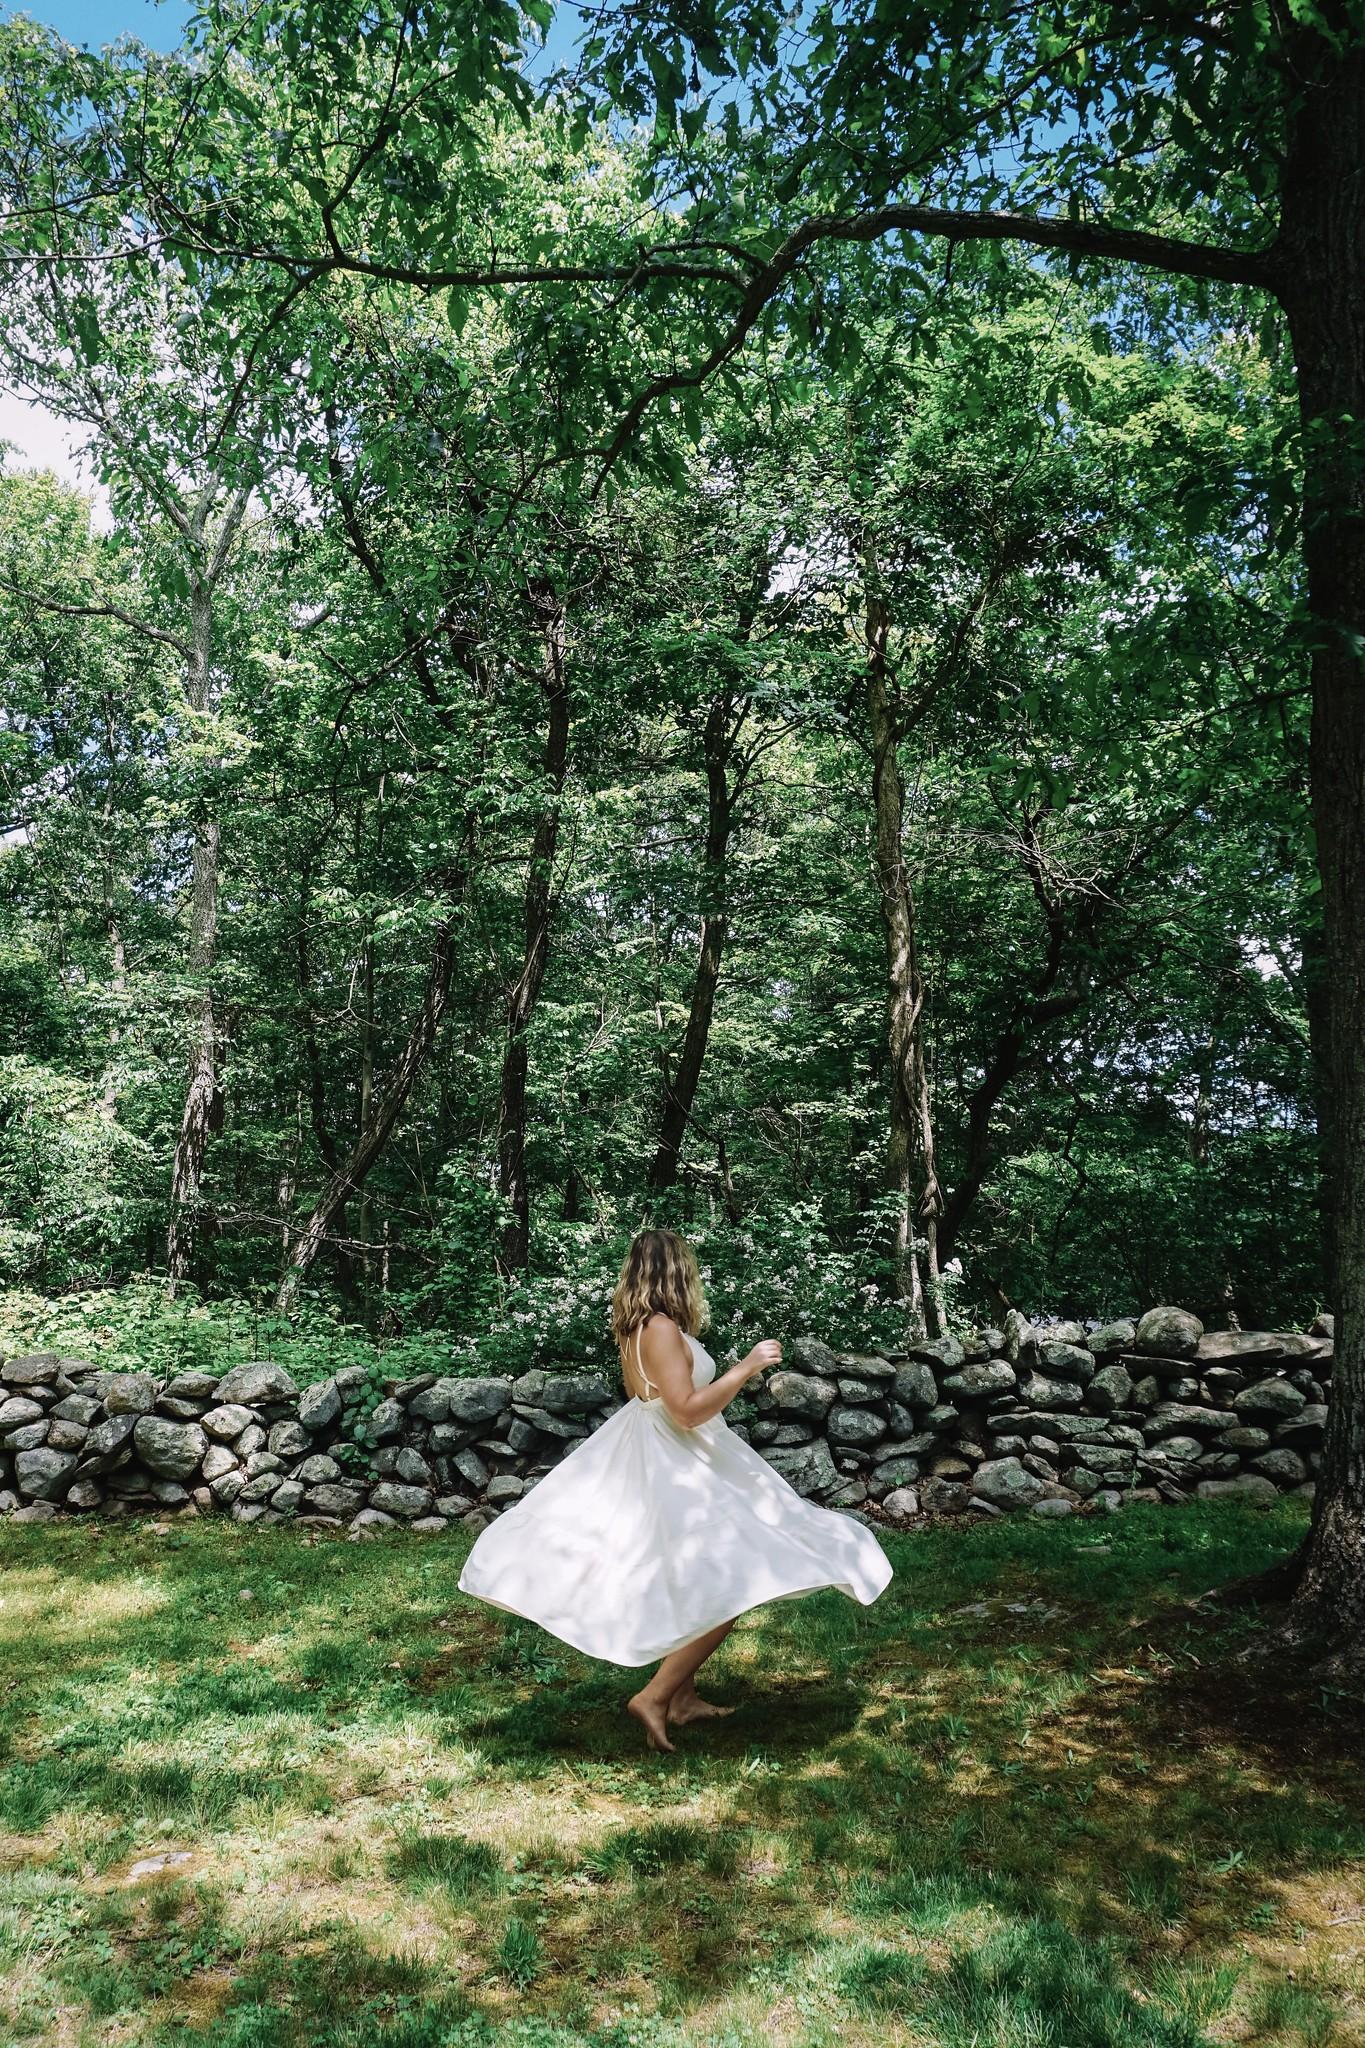 The Best Little White Dresses Under $50 for Summer